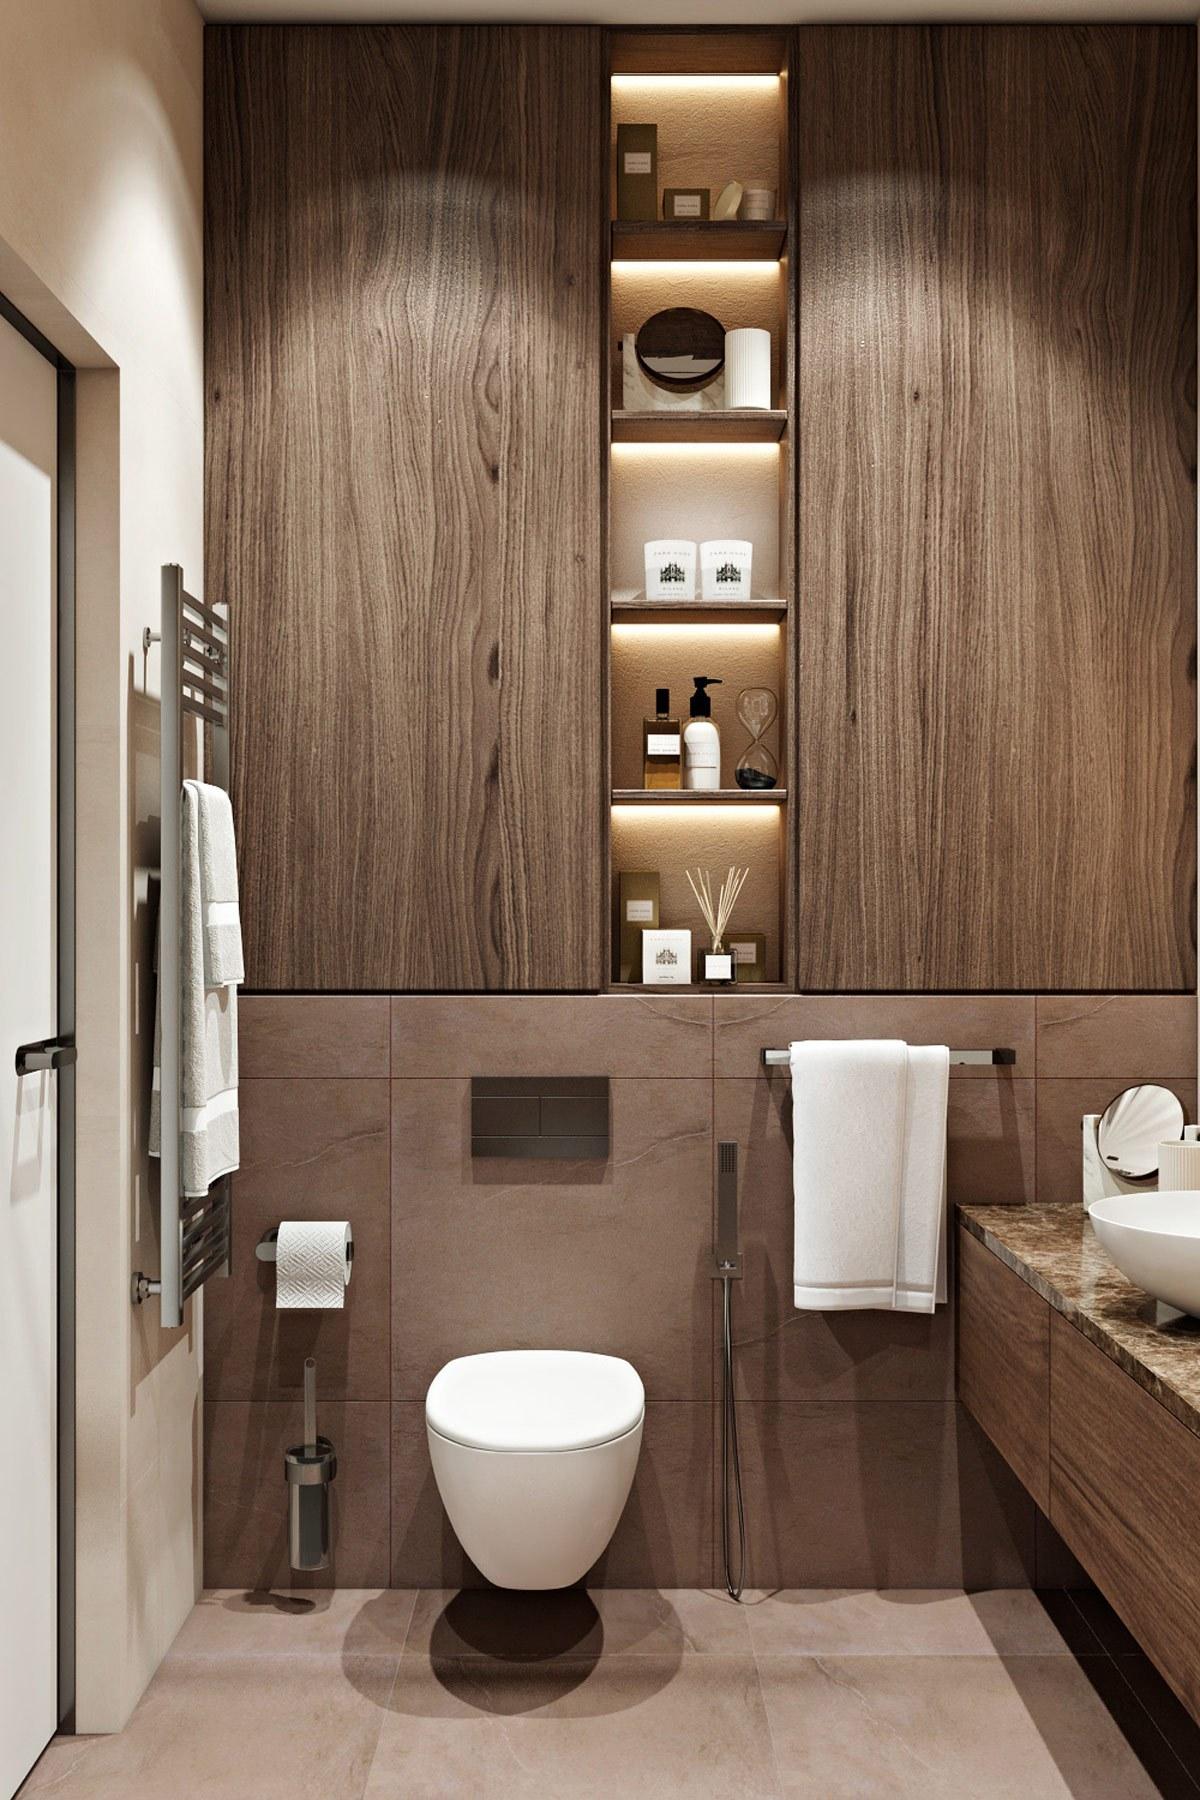 Nhà vệ sinh phòng ngủ master khá đẹp mắt và hiện đại